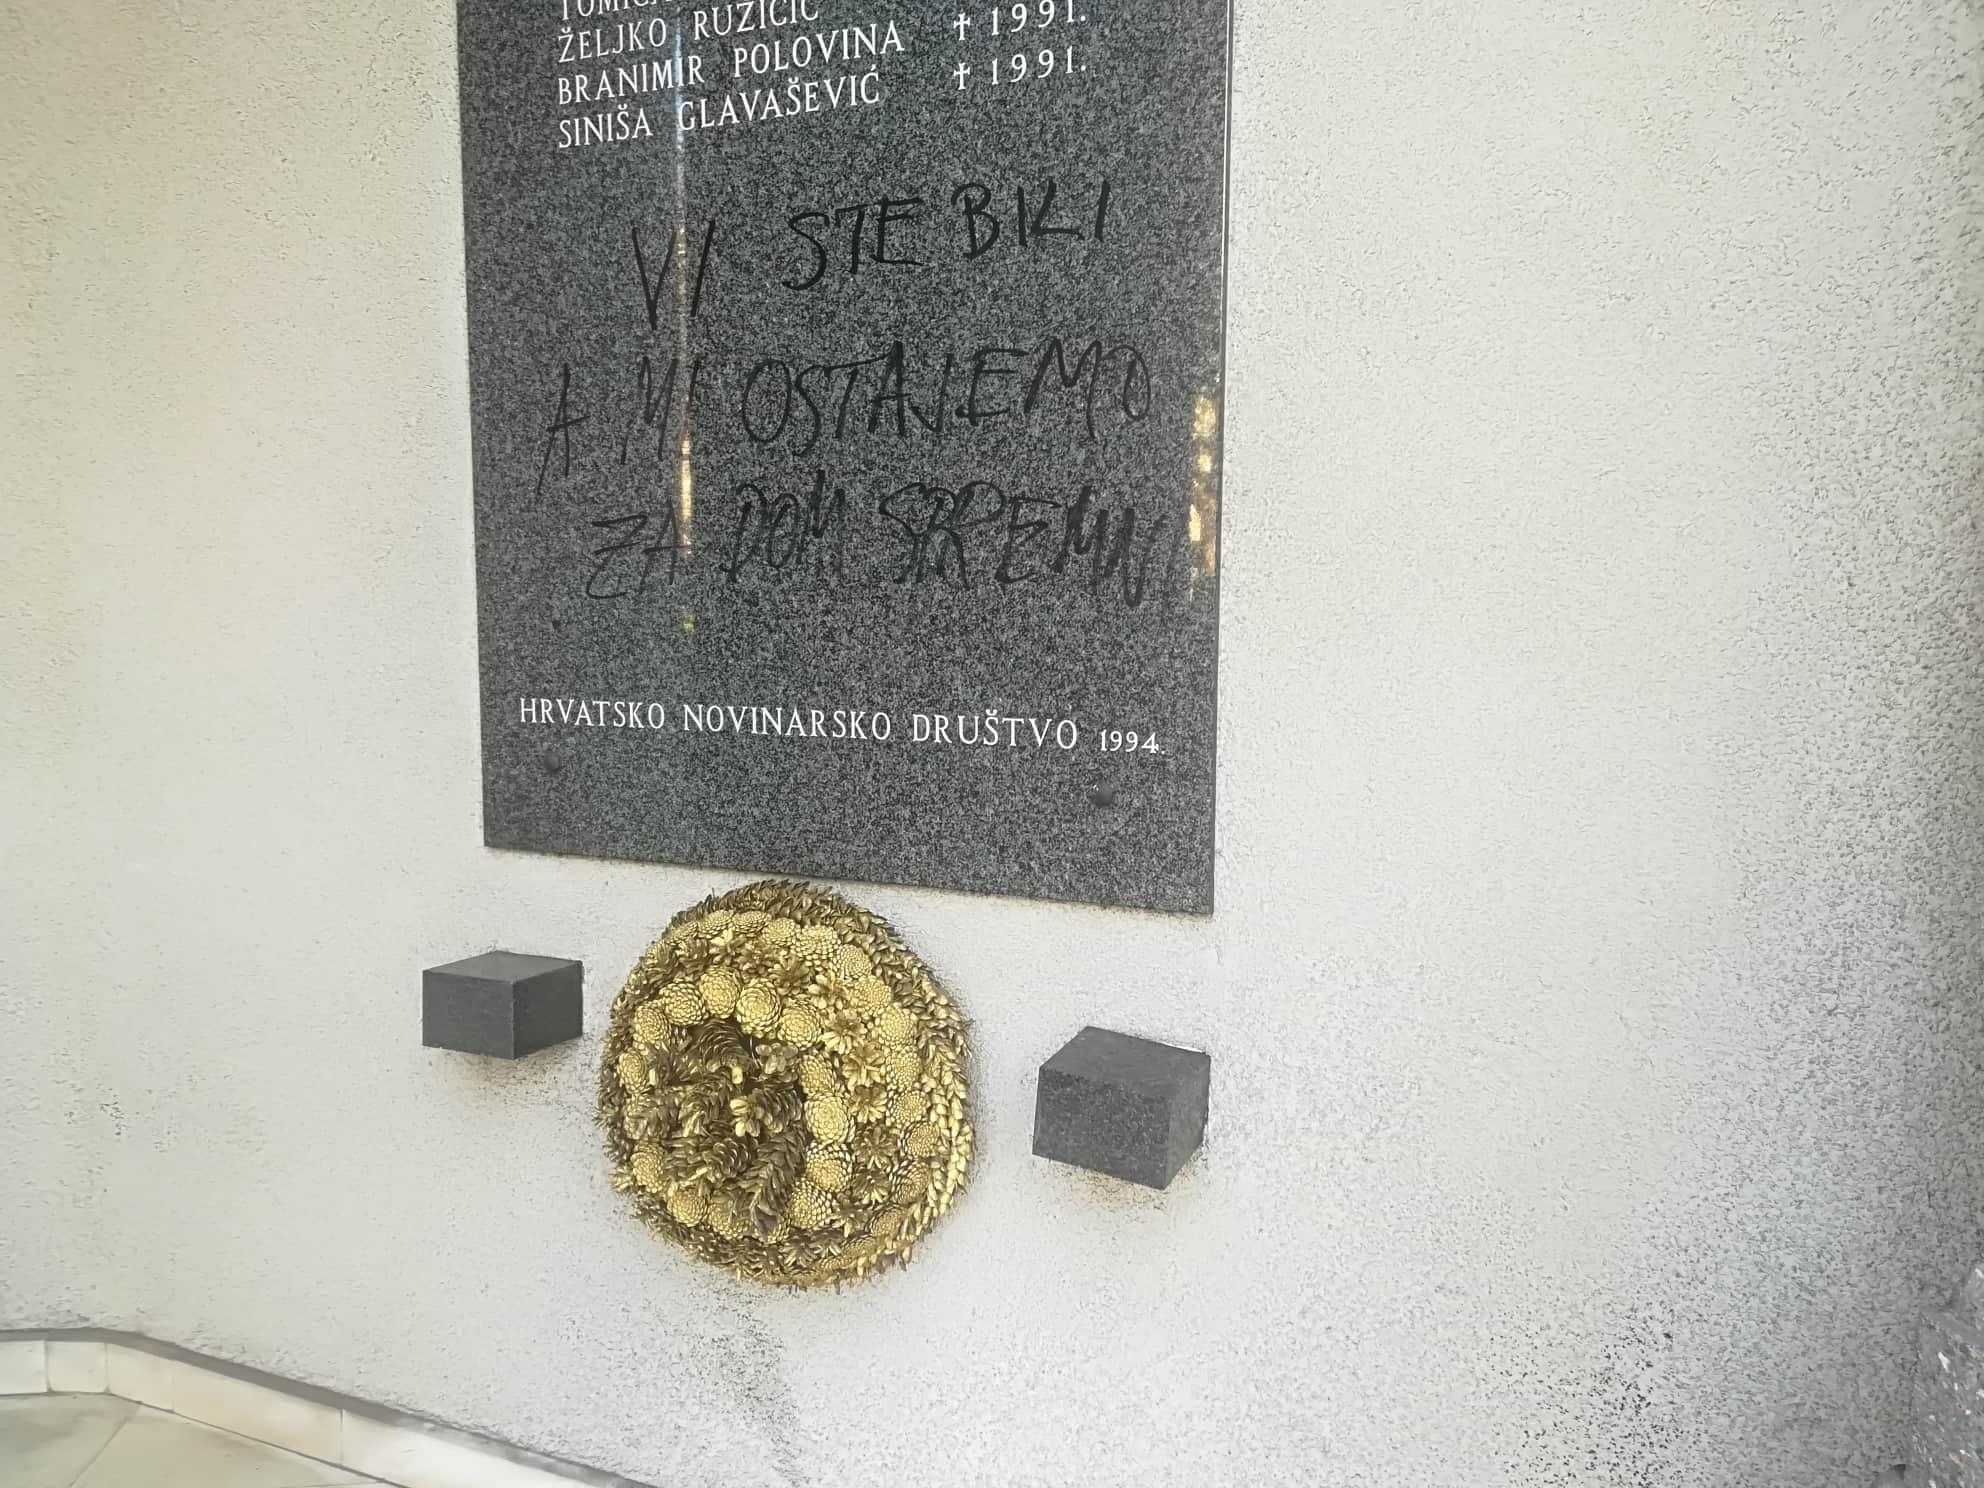 Na zgradi novinarskog doma netko je crnim markerom napisao poruku s ustaškim pozdravom.